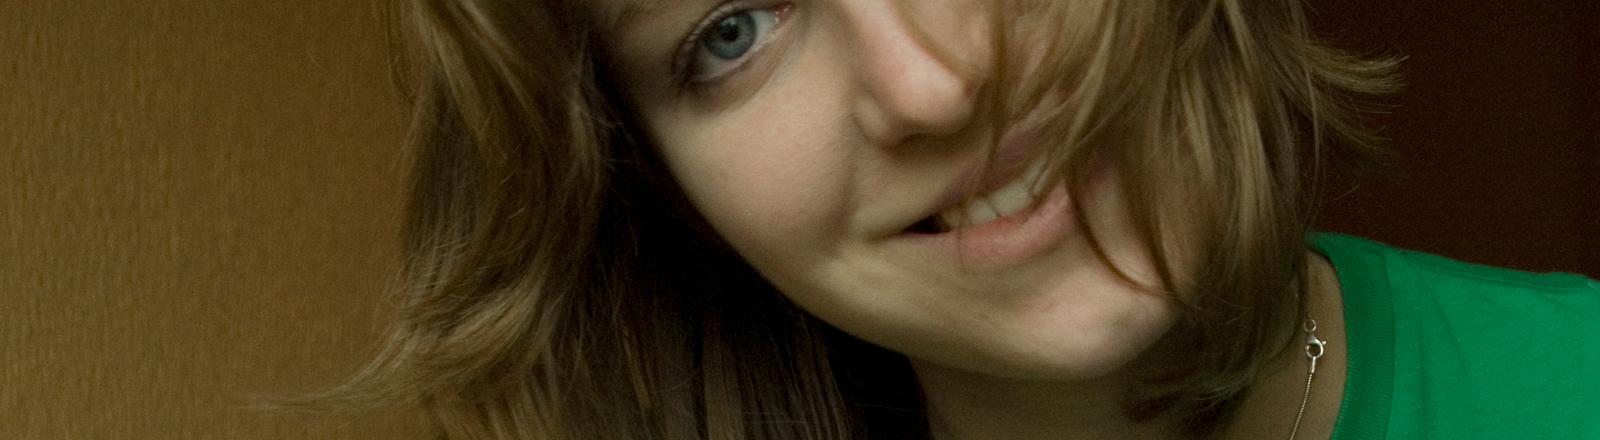 Eine nett lächelnde Frau legt ihren Kopf zur Seite.